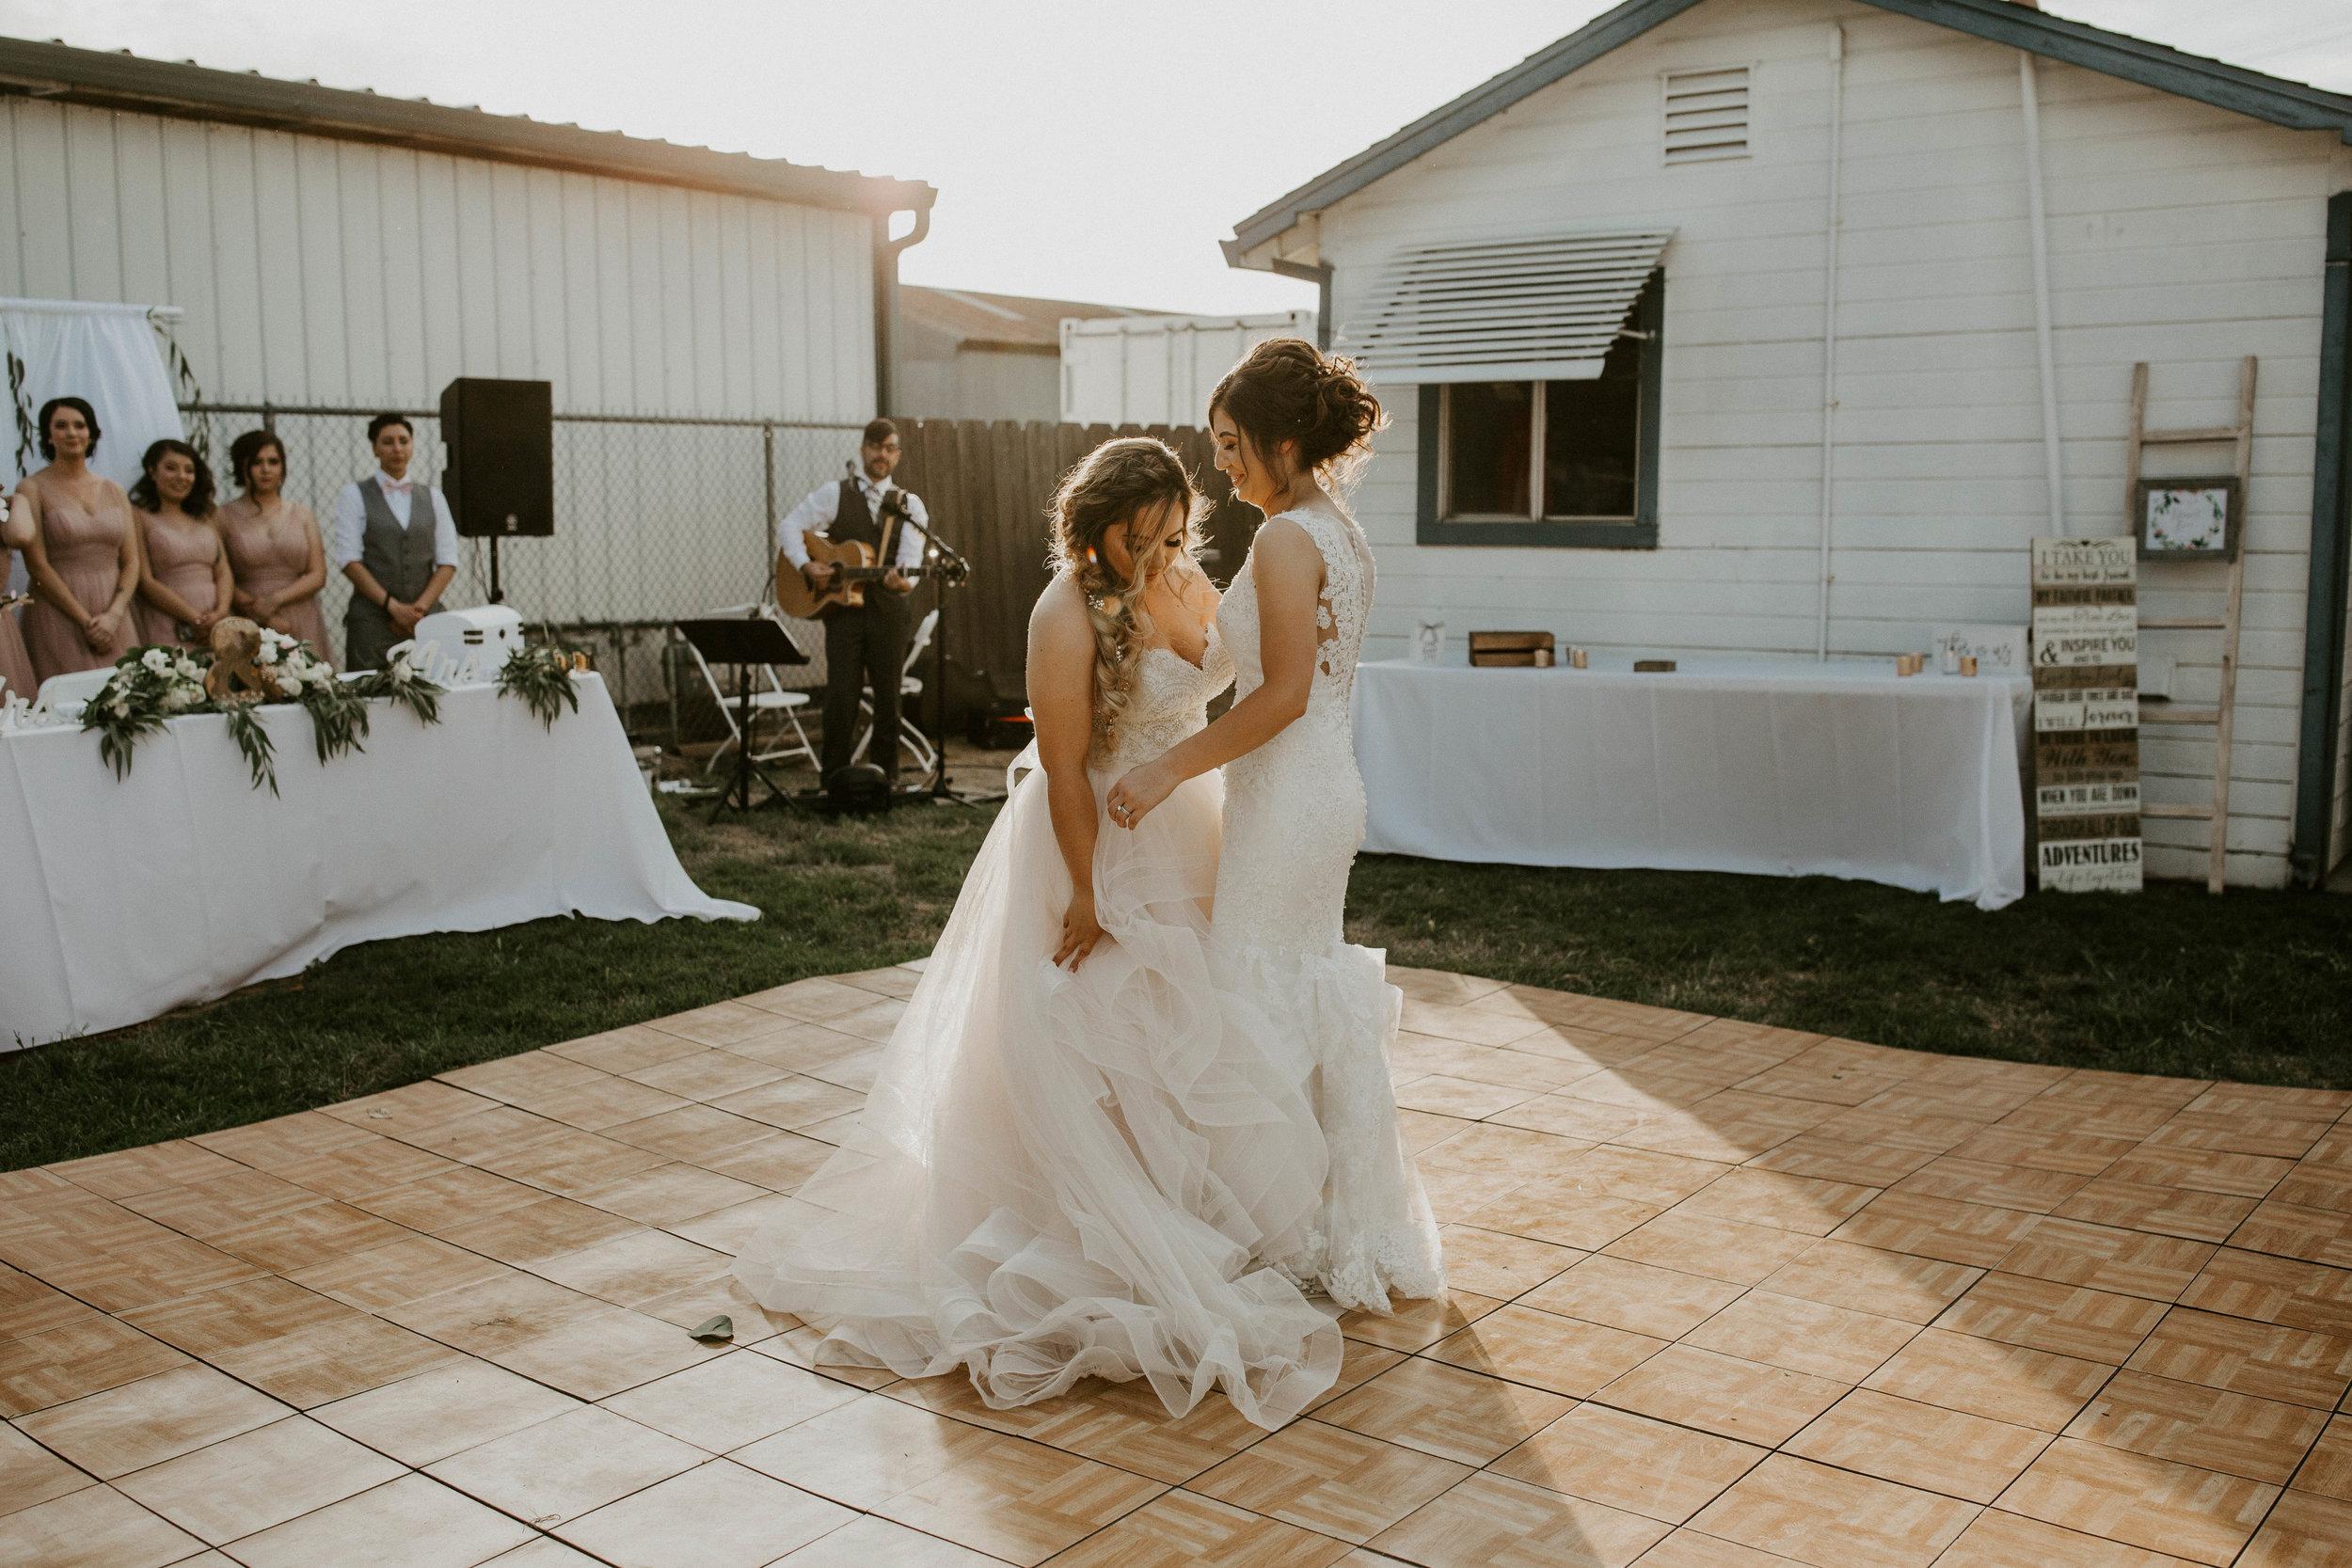 Kelsee&Yudith'sbackyardintimatewedding(386of646).jpg